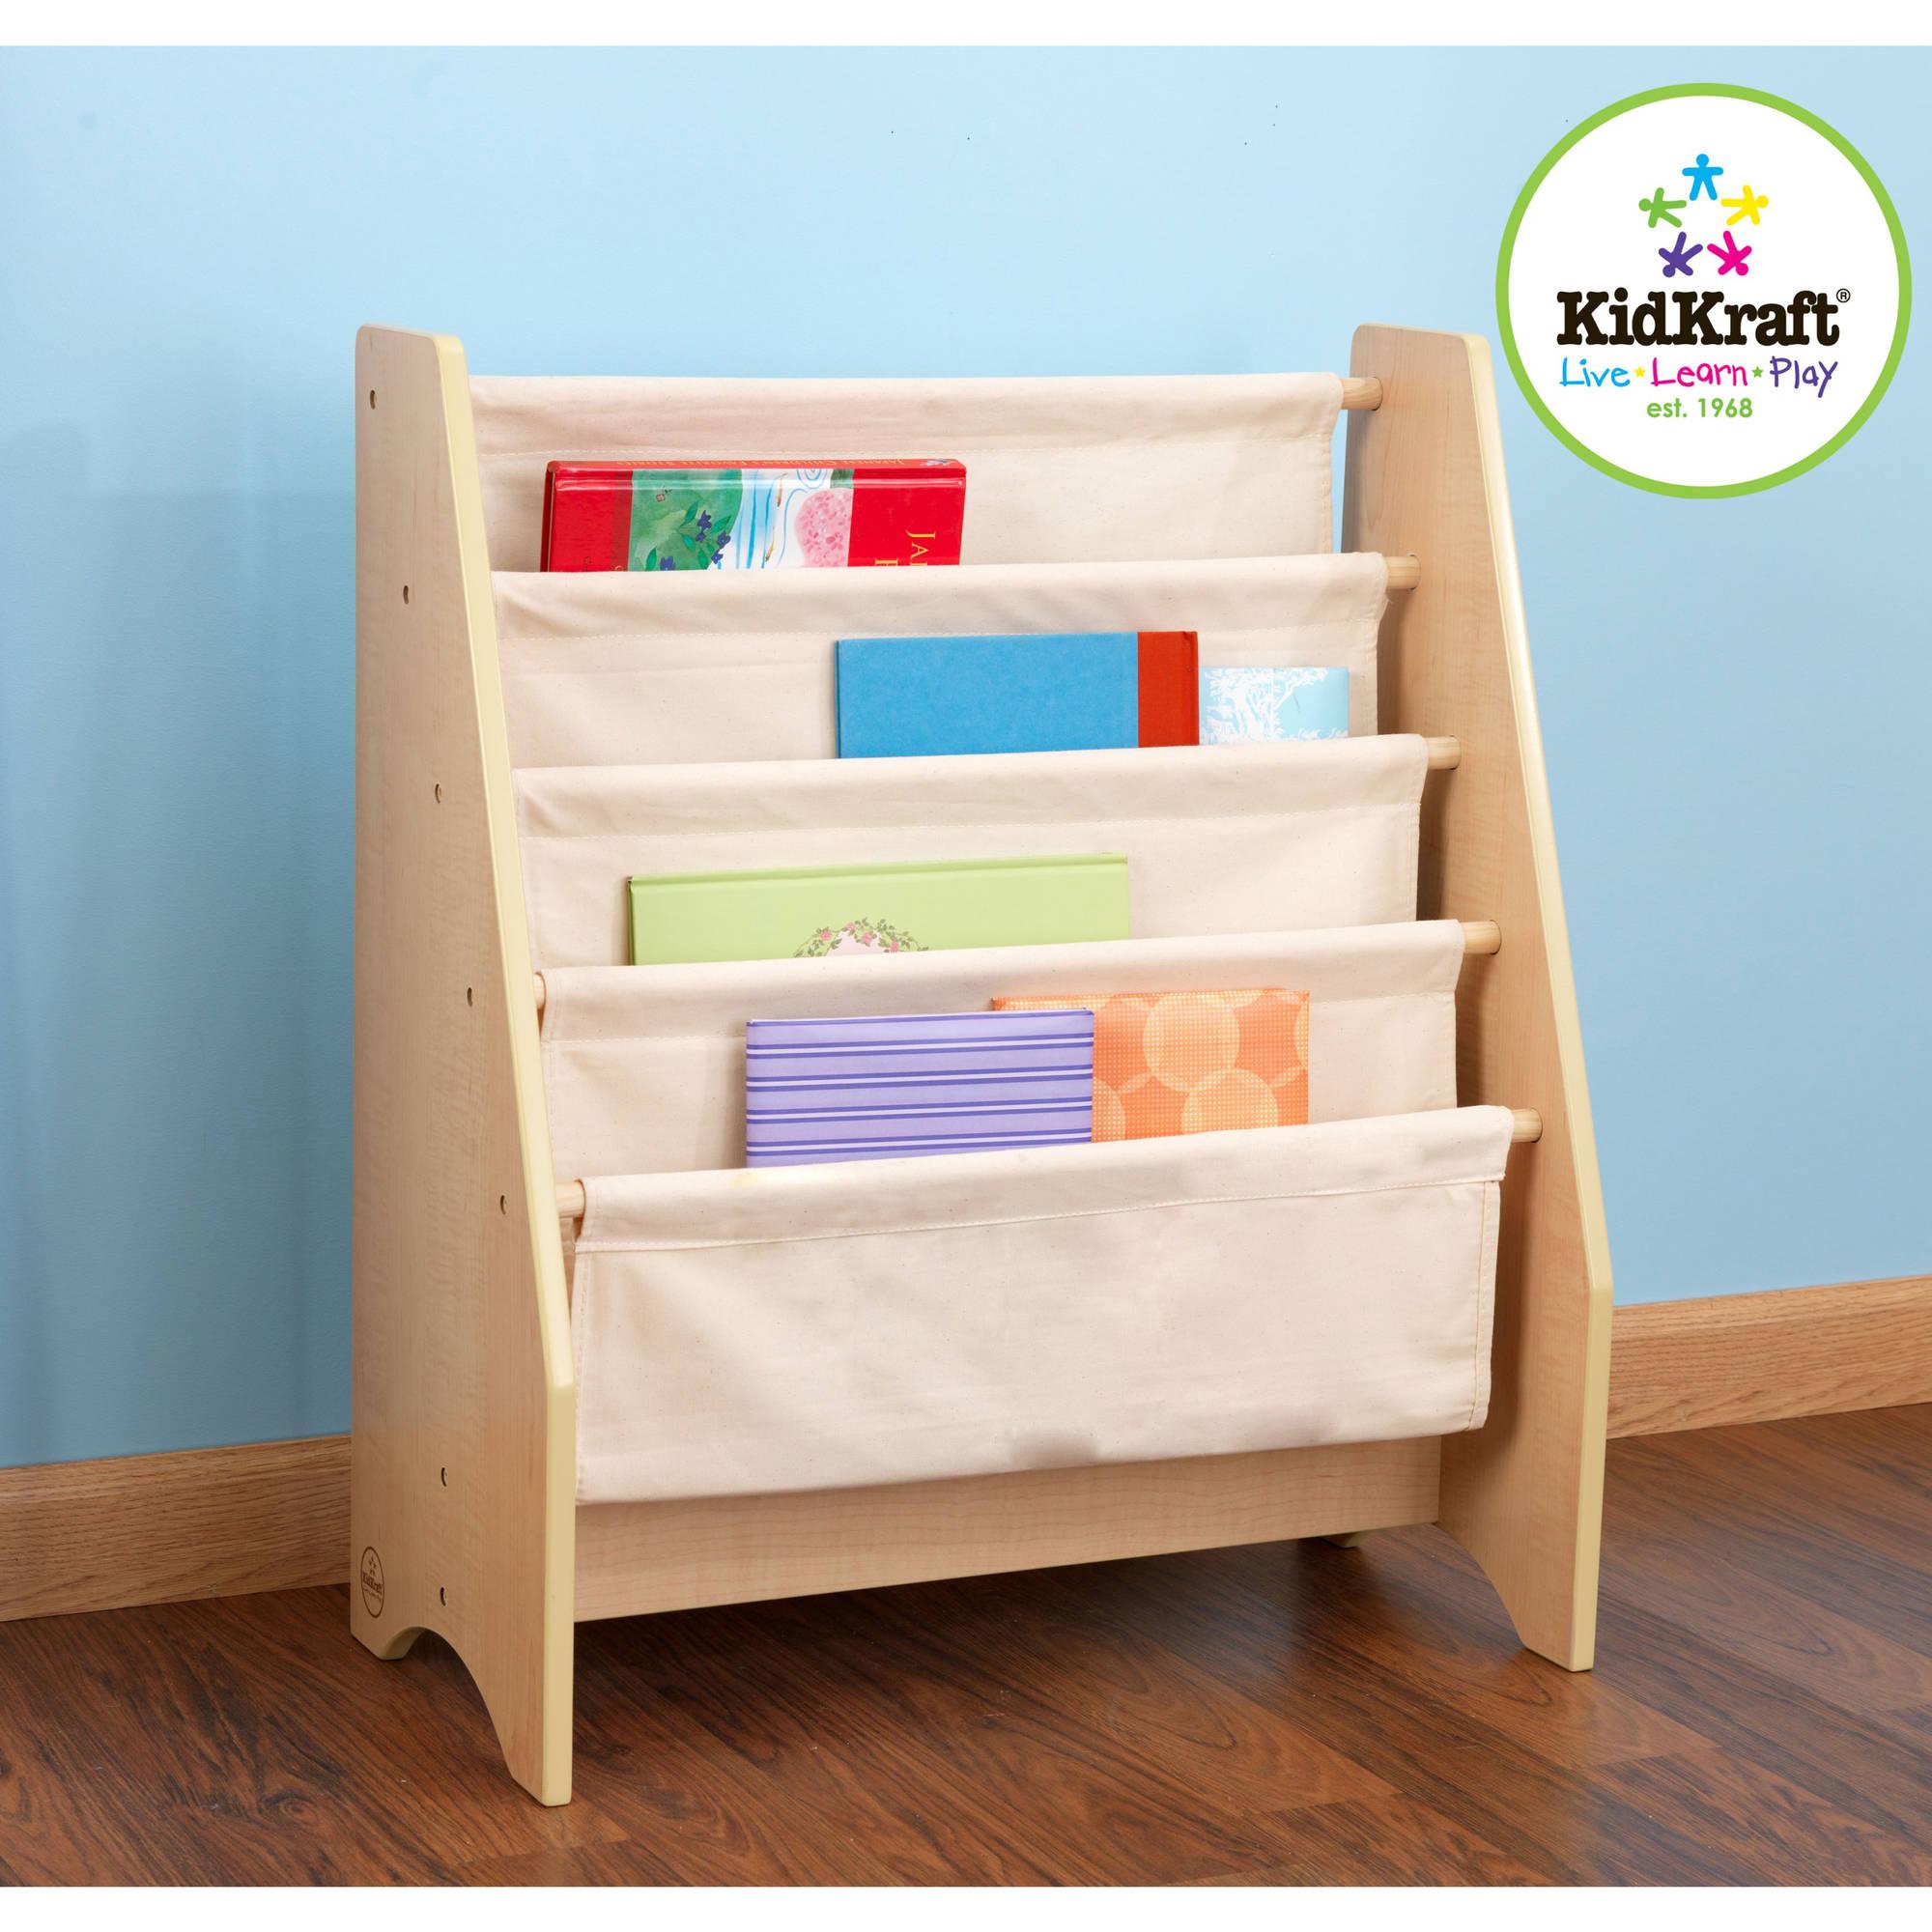 KidKraft - Sling Bookshelf, Multiple Colors